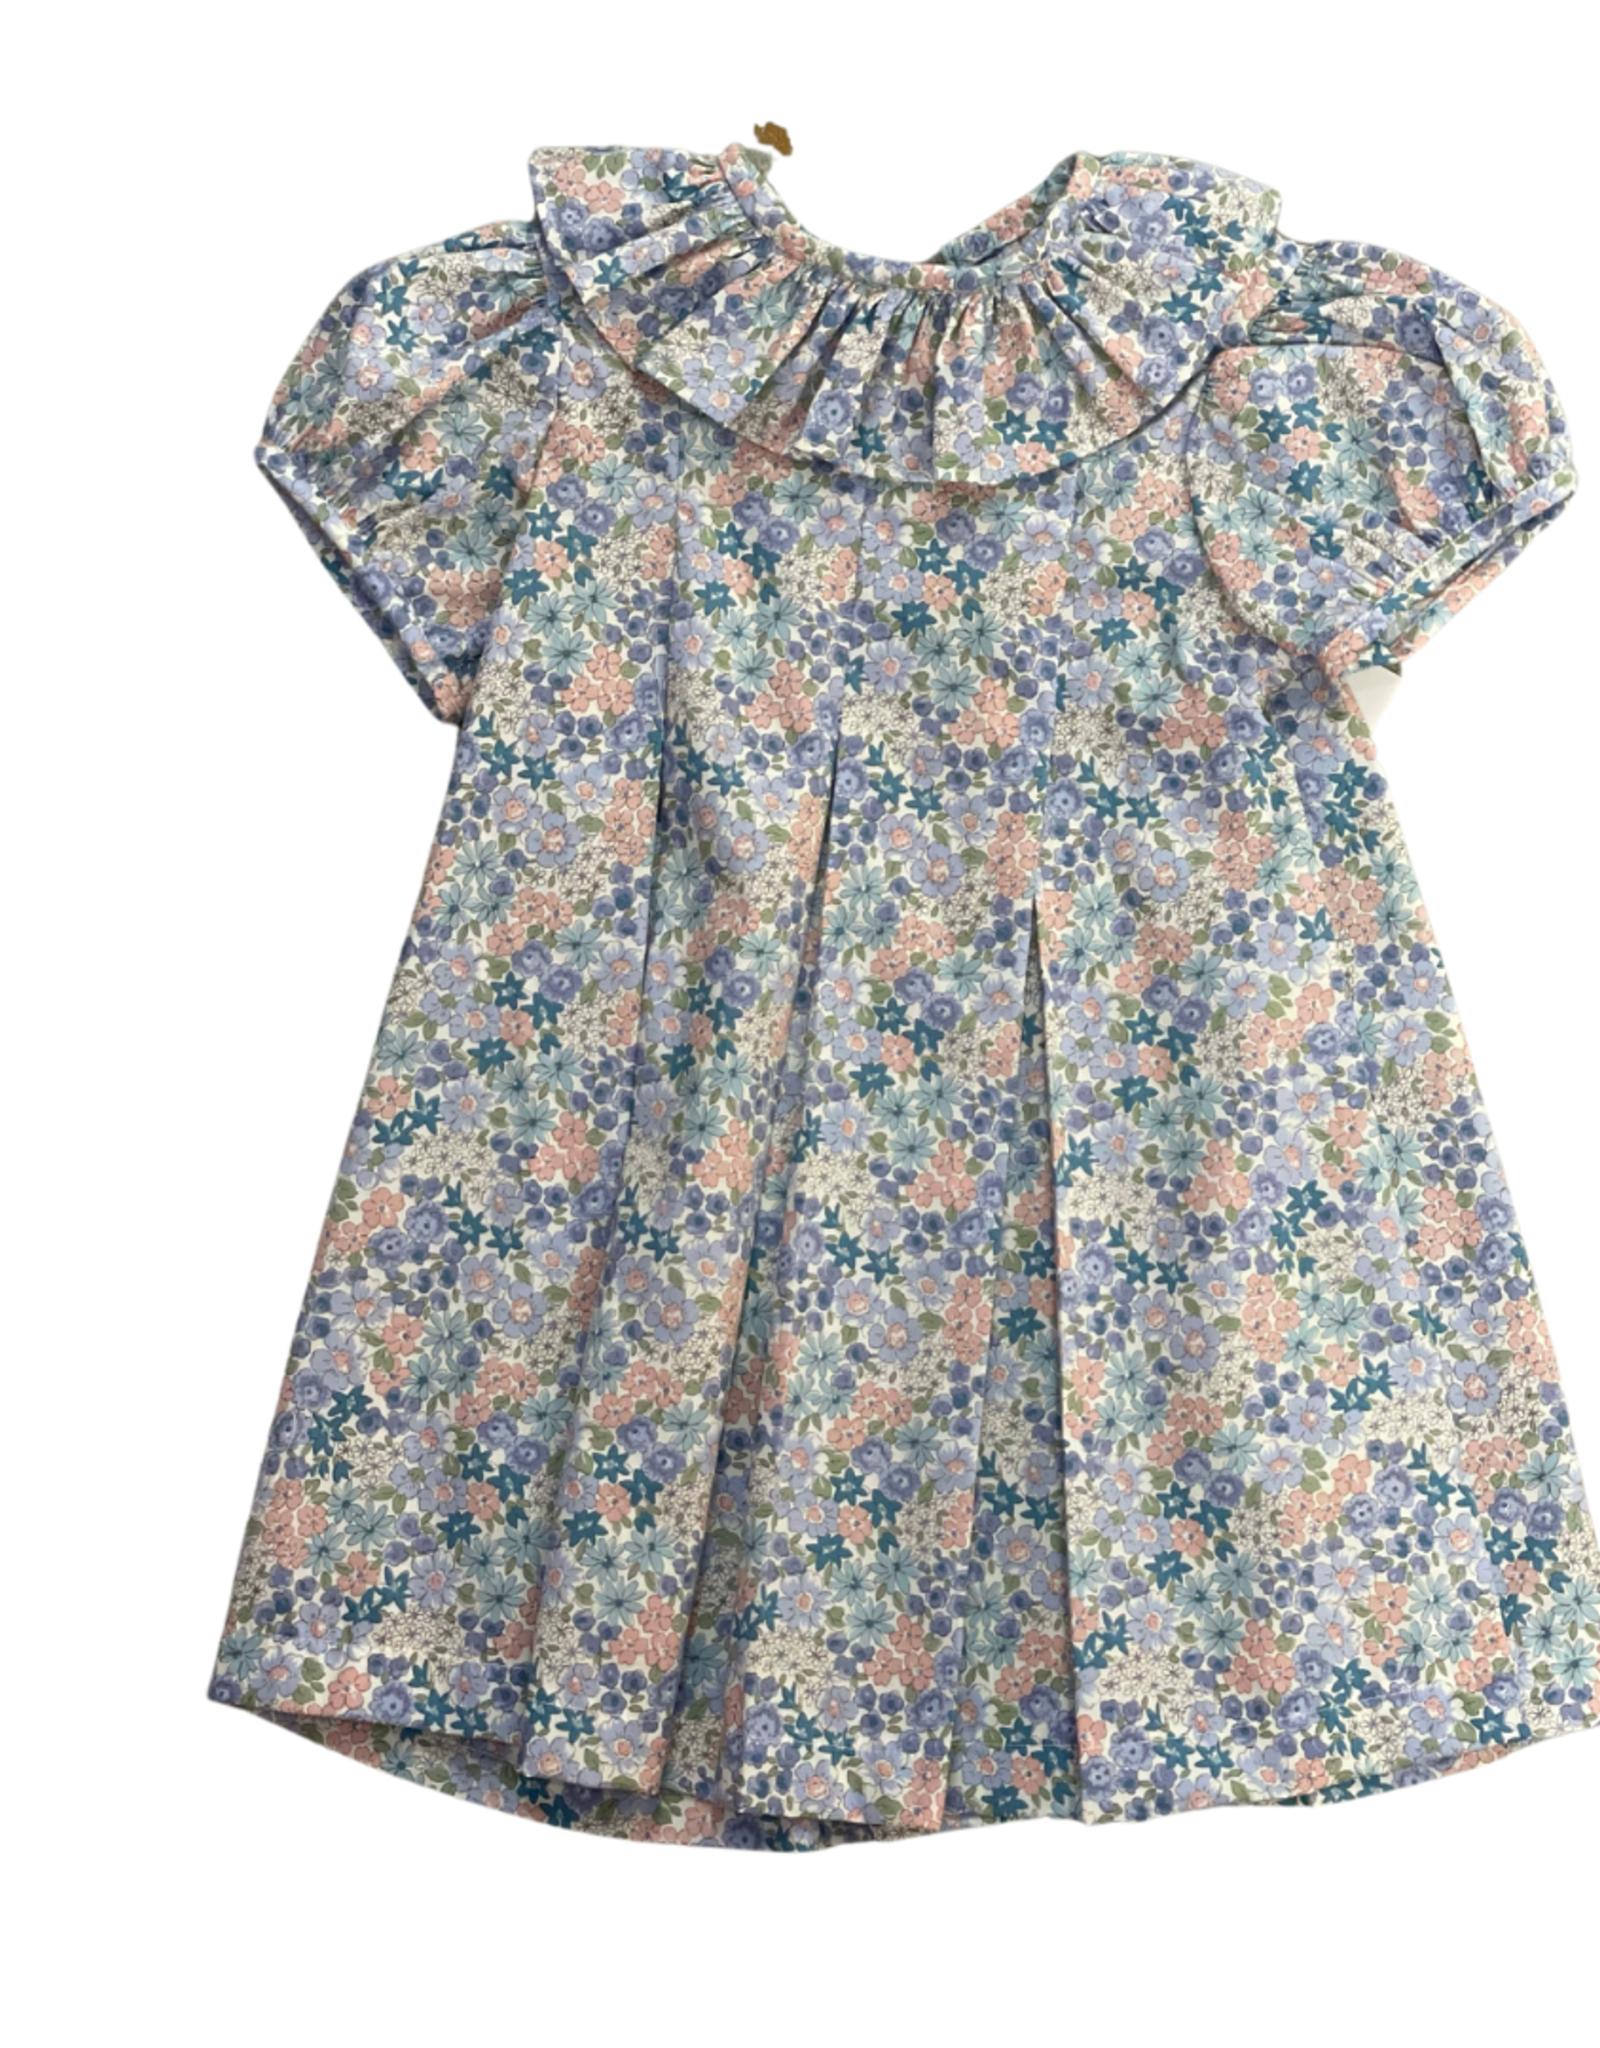 Anvy Kids Cindy Dress, Blue/Pink Floral